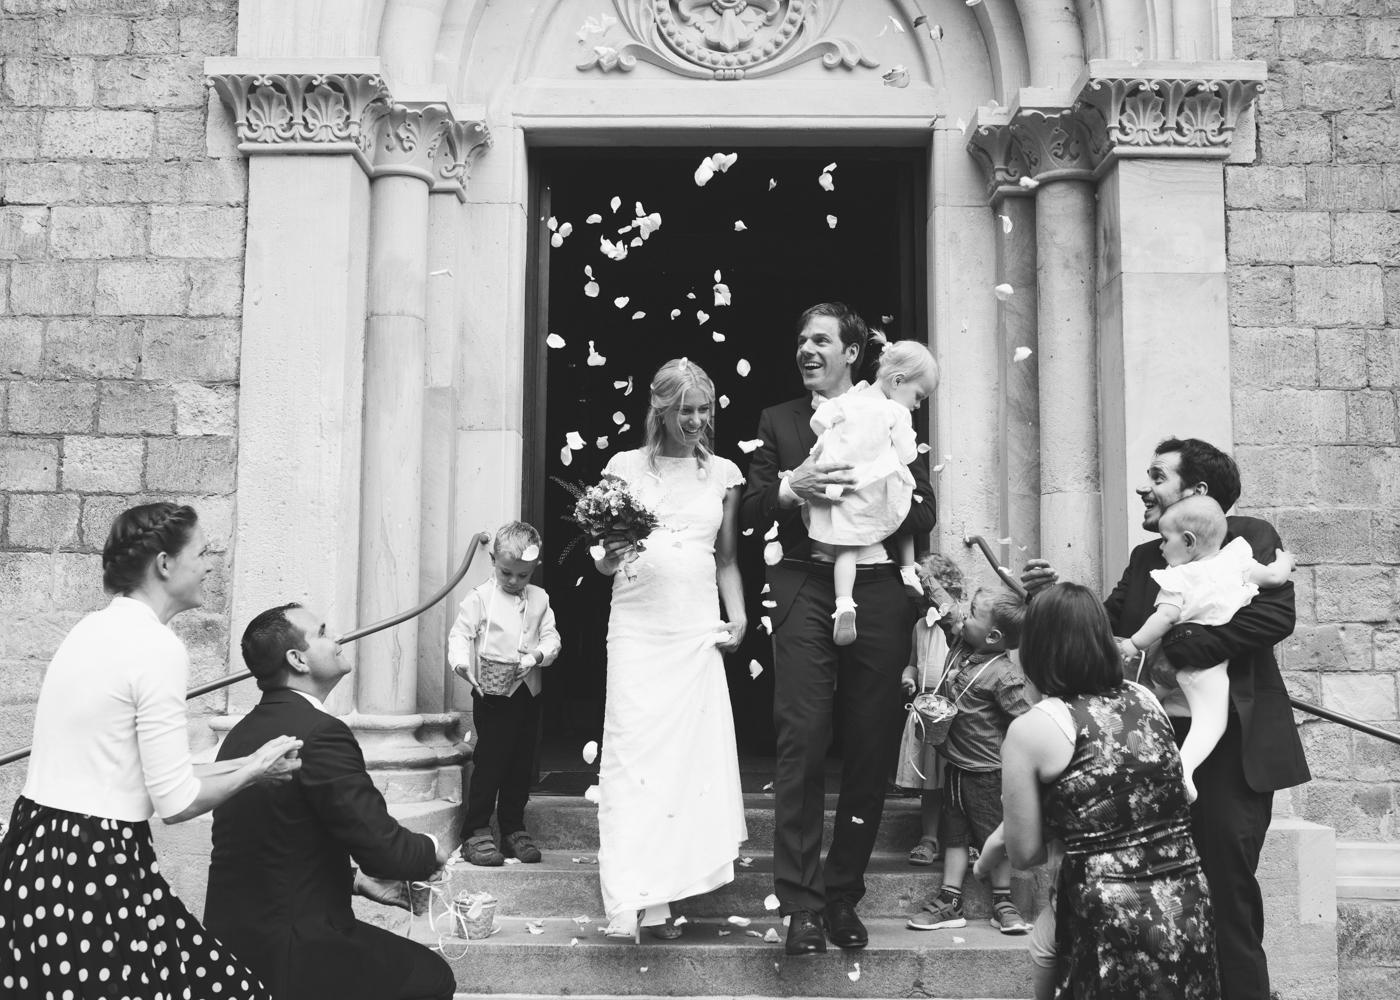 Hochzeitsreportage_Kiesendahl_ClaudiaundWolf_Blog_035.jpg